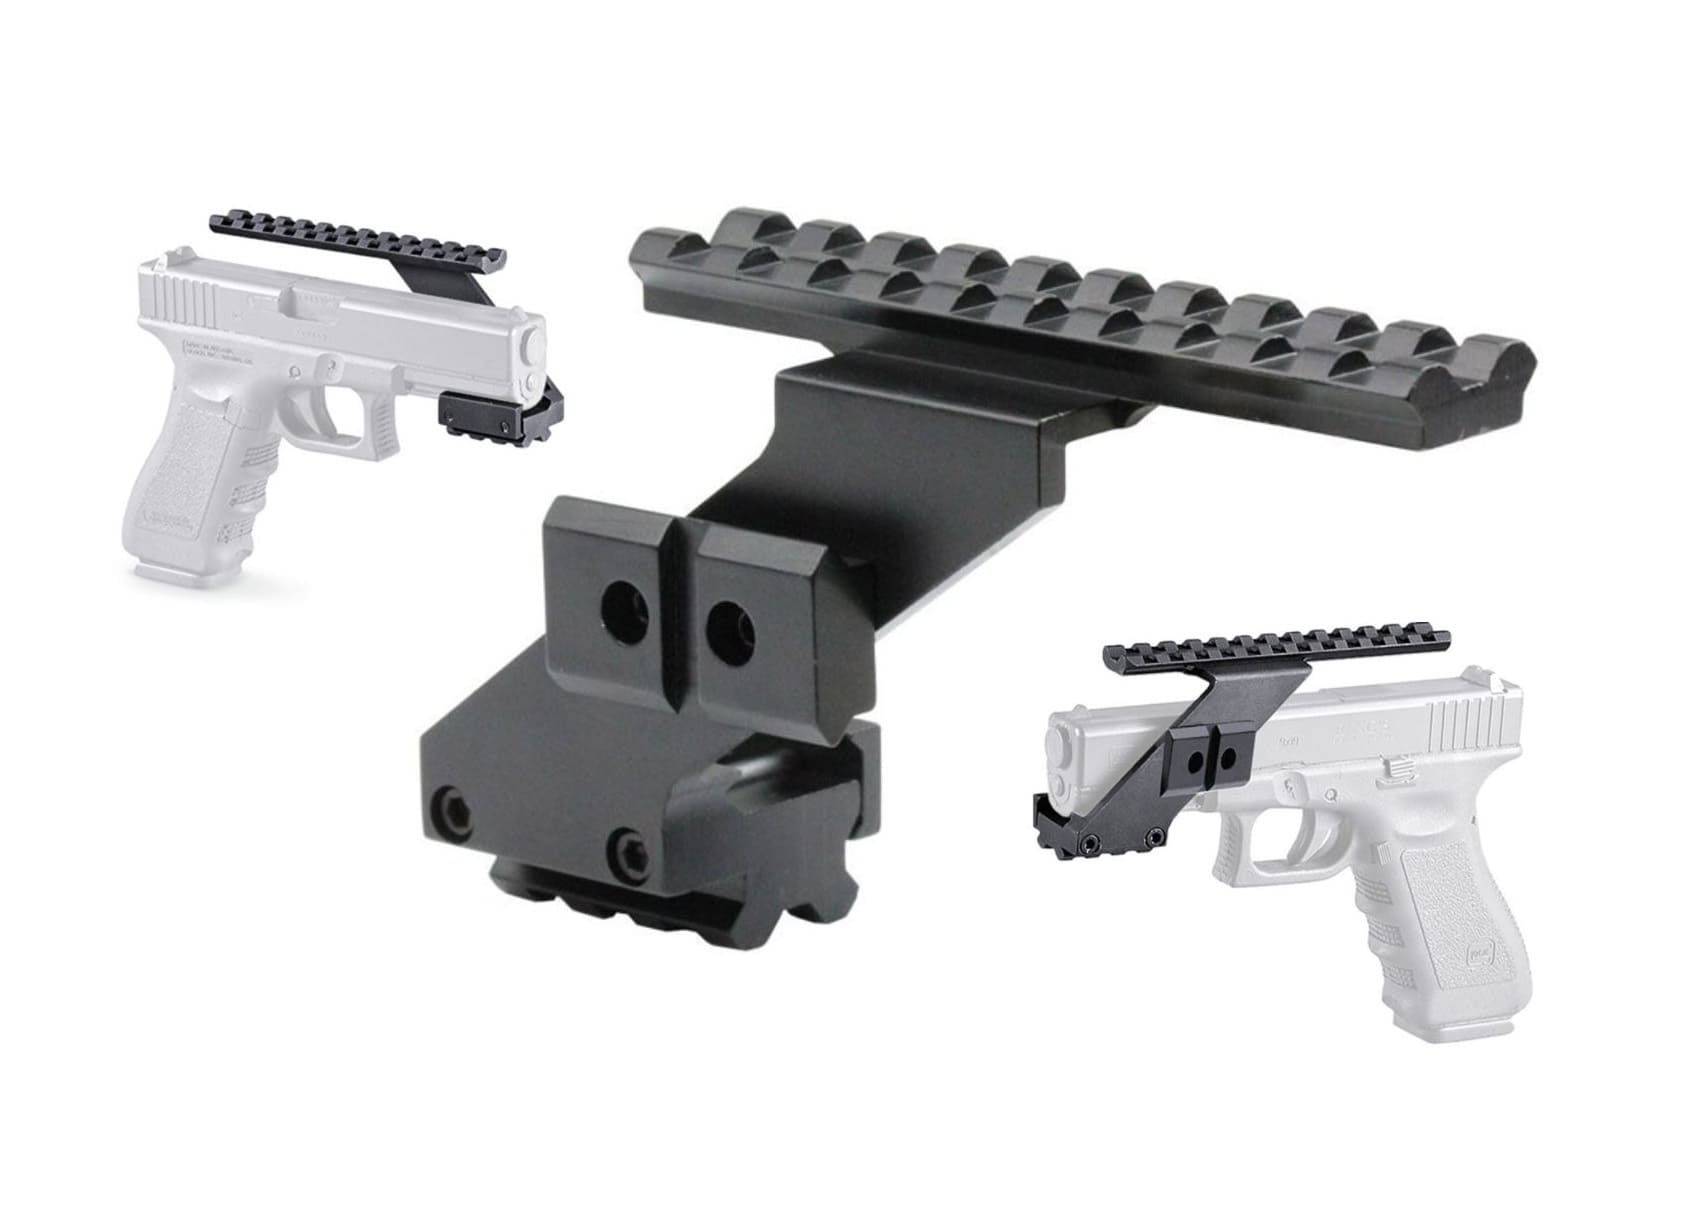 Kurzwaffen picatinny schiene montage passt fast für alle pistolen